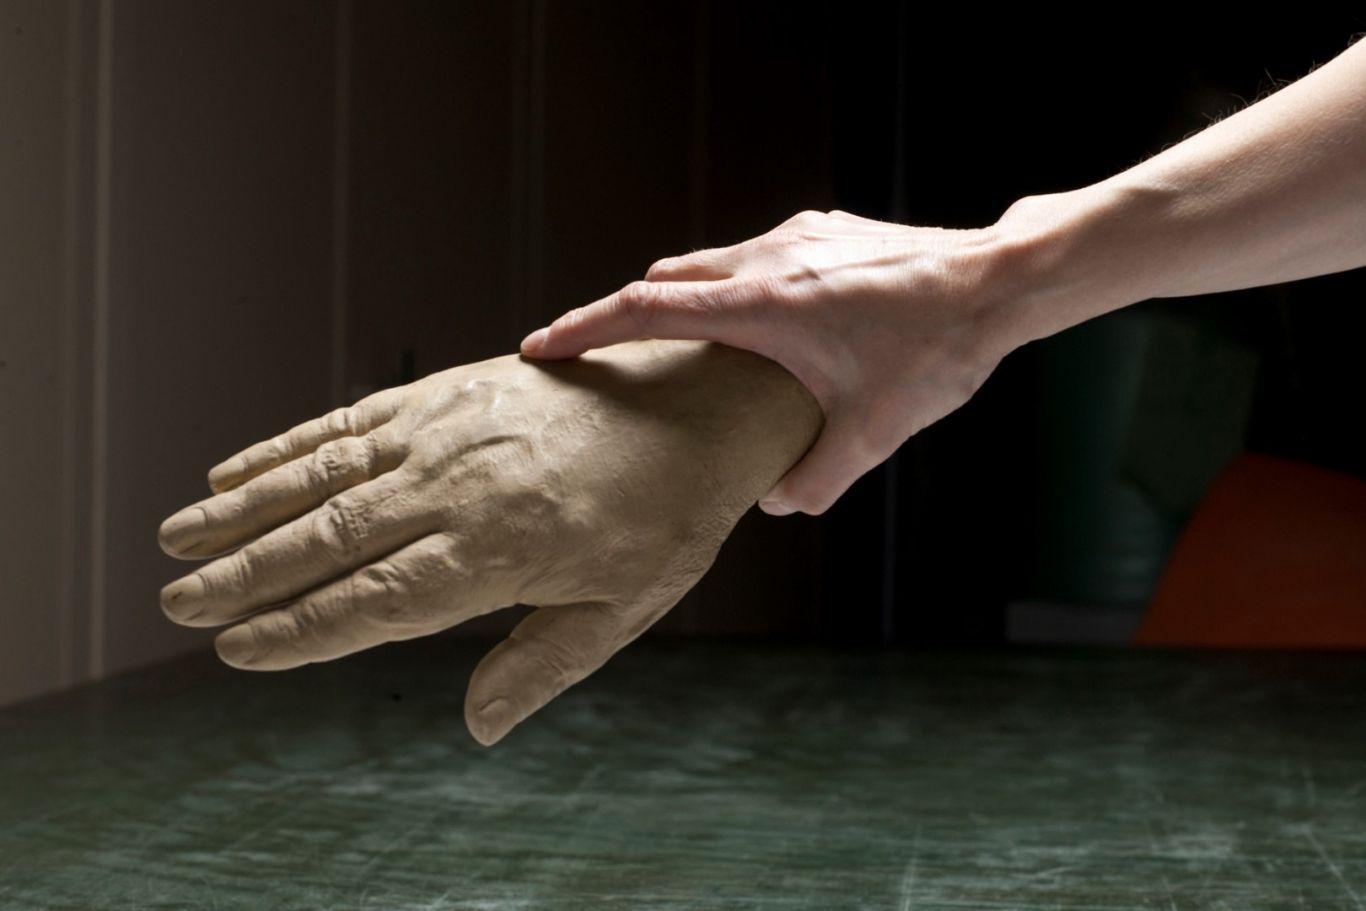 Ólöf Nordal, Musée Islandique – Moulage de la main droite de Bjorn Gunlassen professeur, né à Zaunstetsens le 28 septembre 1788, Islande, (Cast of the right hand of Björn Gunnlaugsson, teacher, born September 28th 1788 at Tannastaðir, Iceland, Photo 60 x 90 cm, 2010.